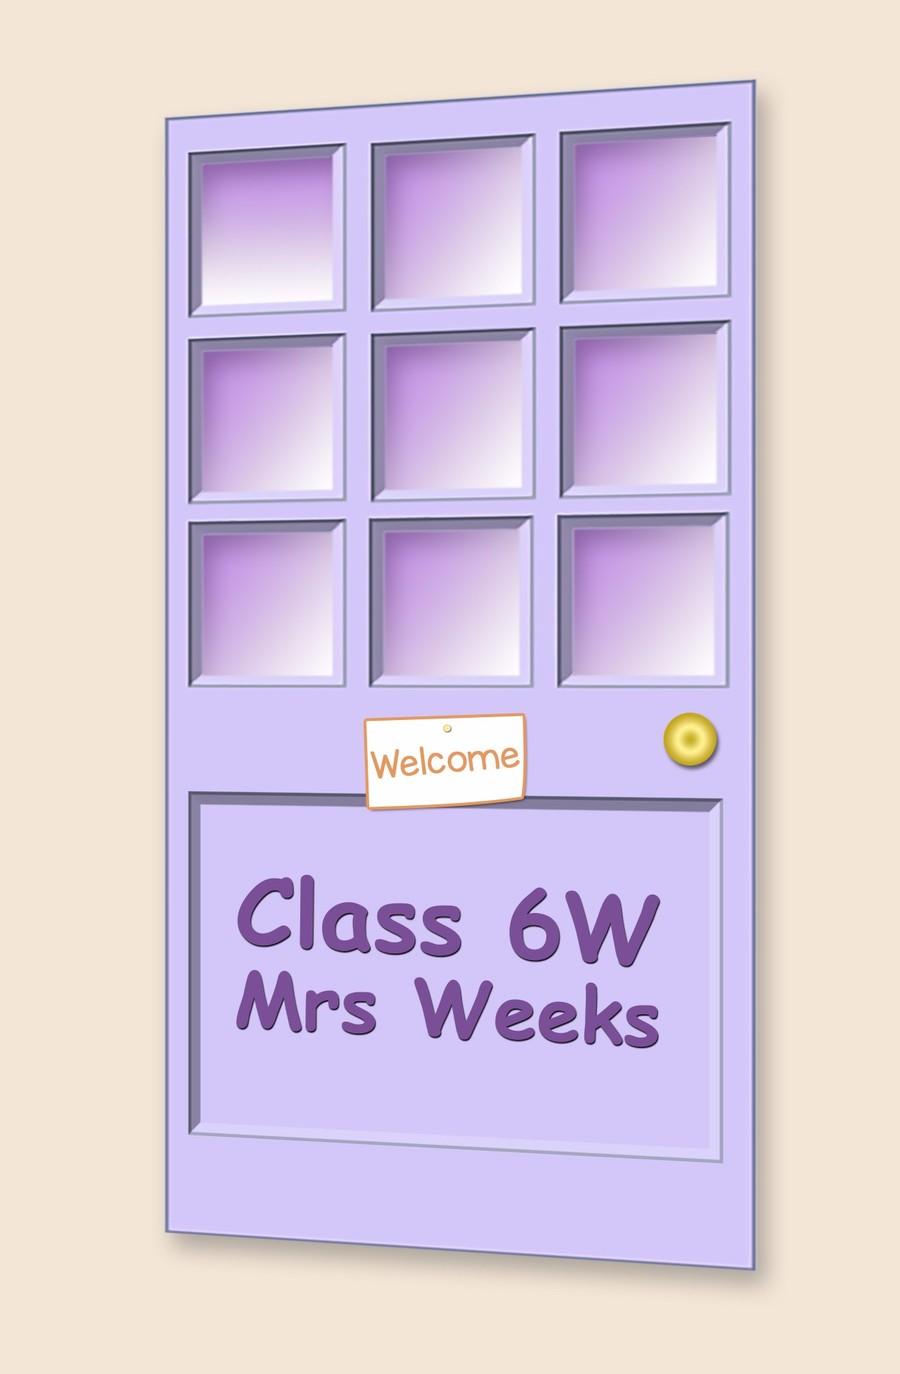 Go to Class 6W